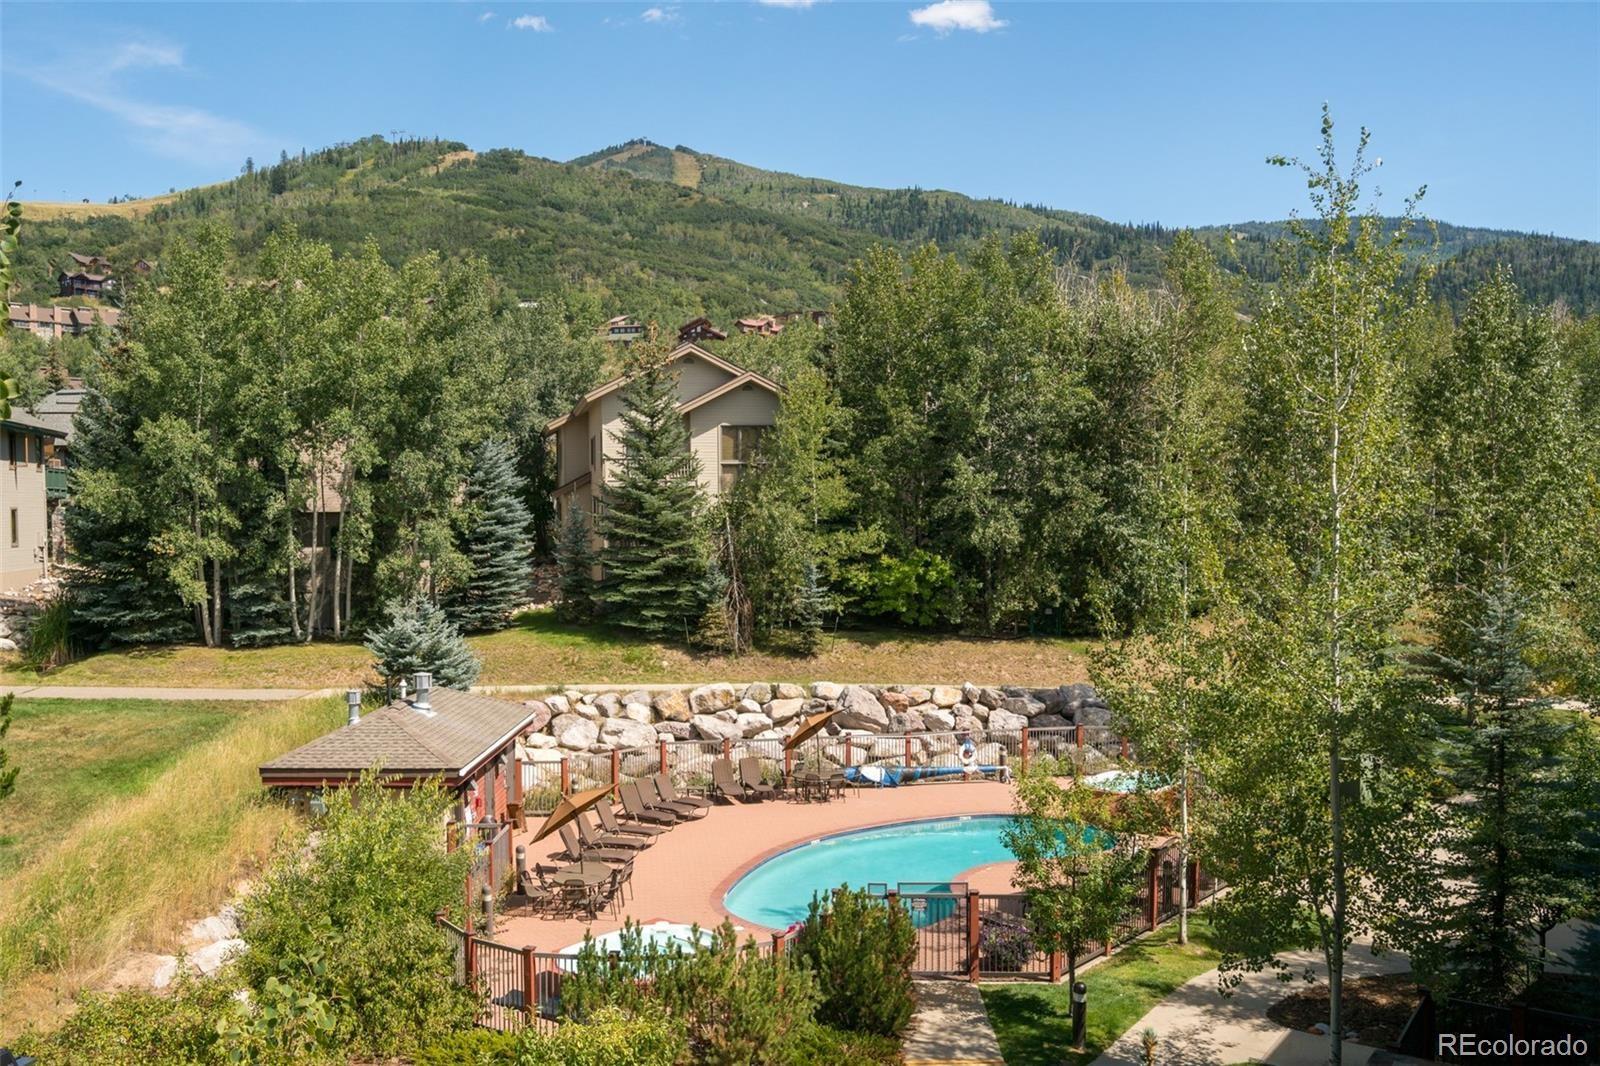 MLS# 7592425 - 2 - 1800 Medicine Springs Drive #5305, Steamboat Springs, CO 80487